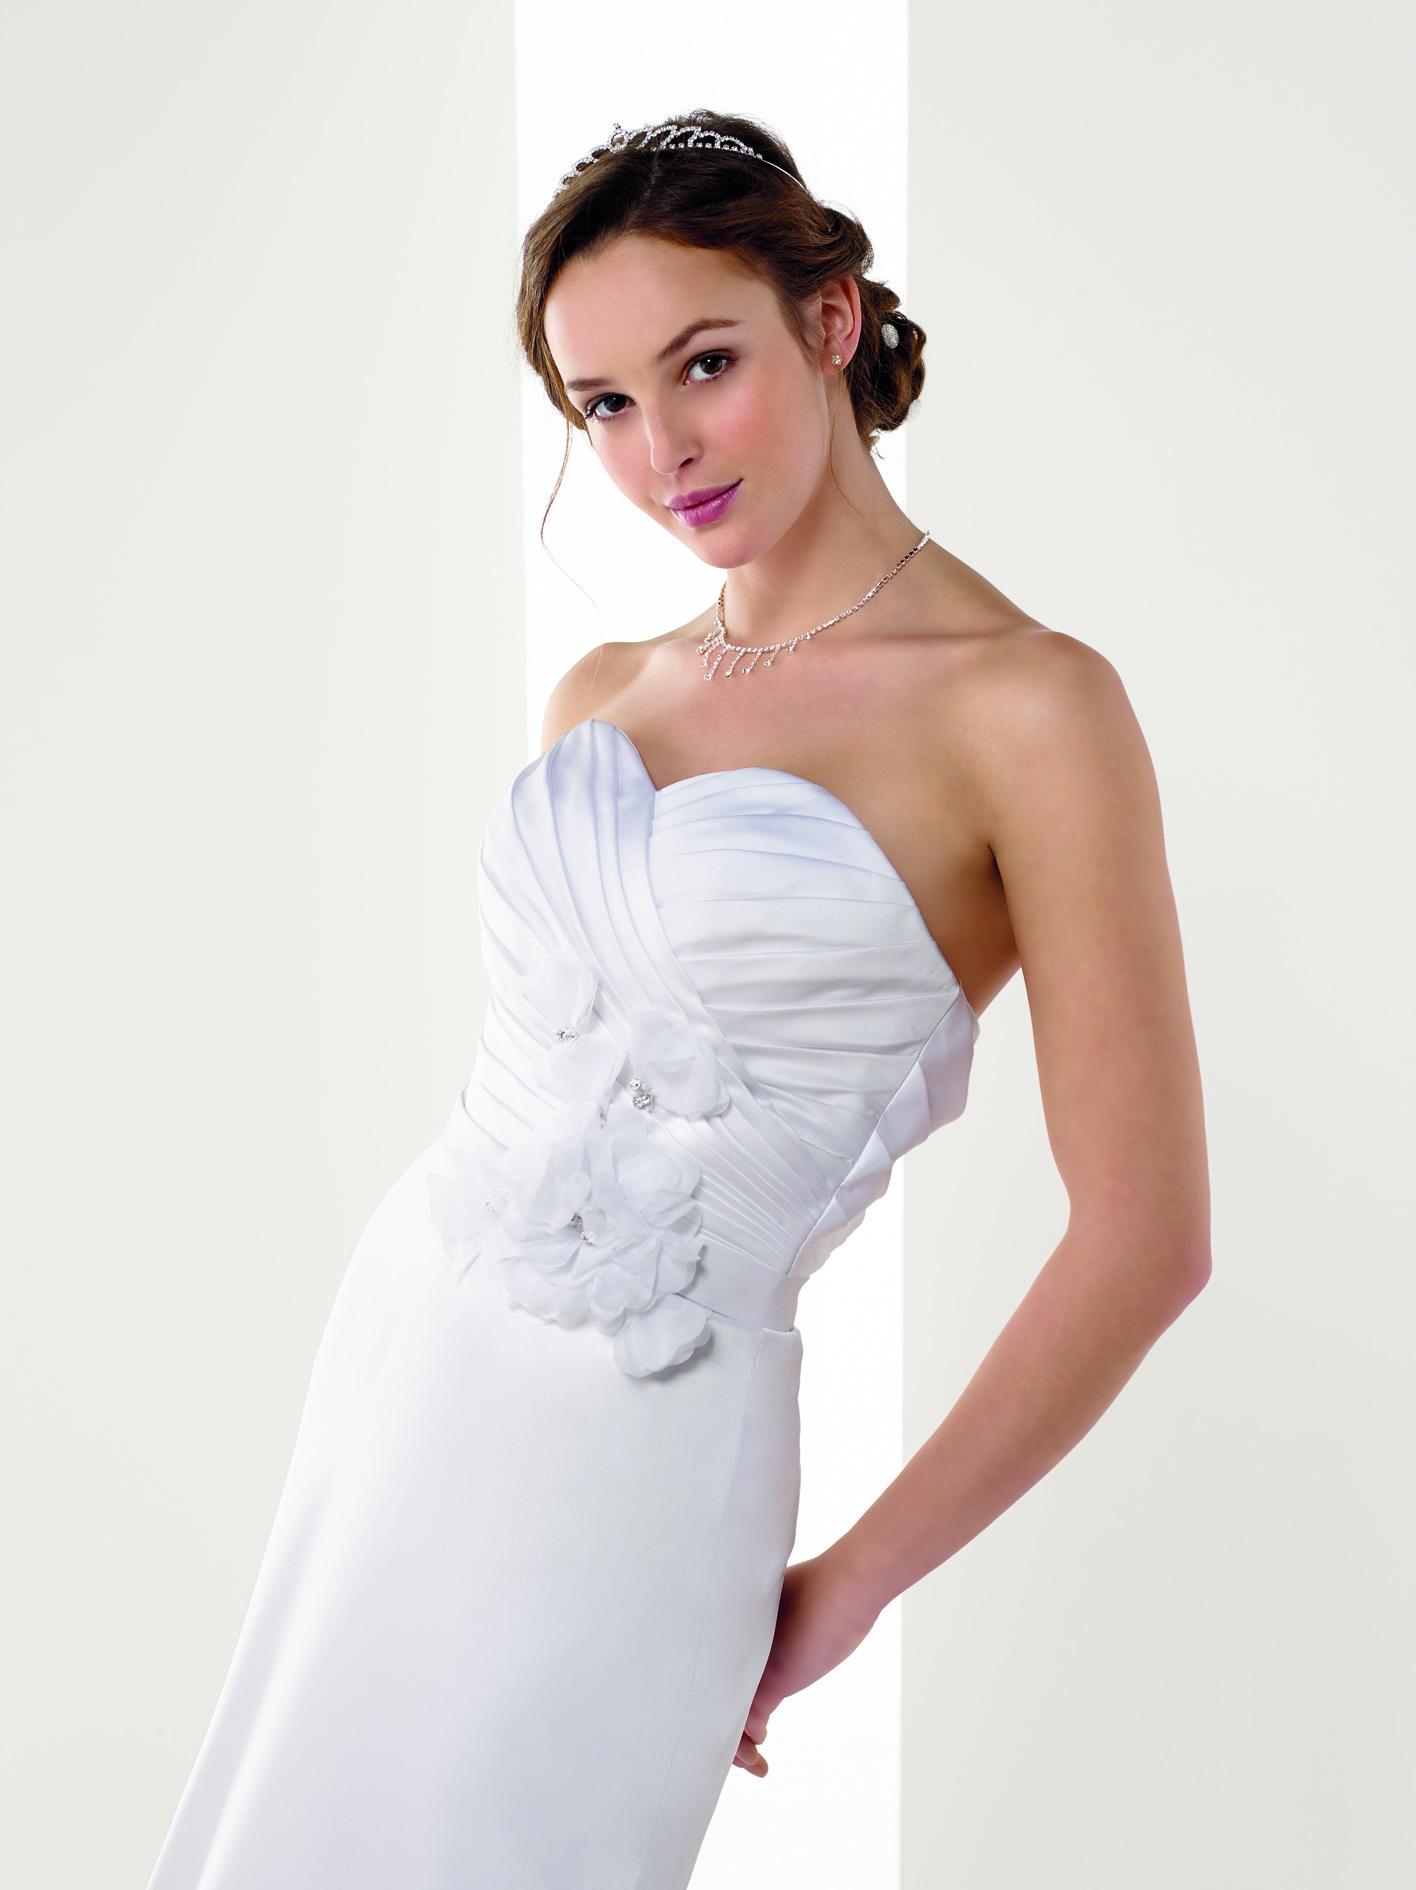 070f1a6d2fe5 Atelier Tsourani Νυφικα φορεματα βραδινα και τουαλετες Atelier ...